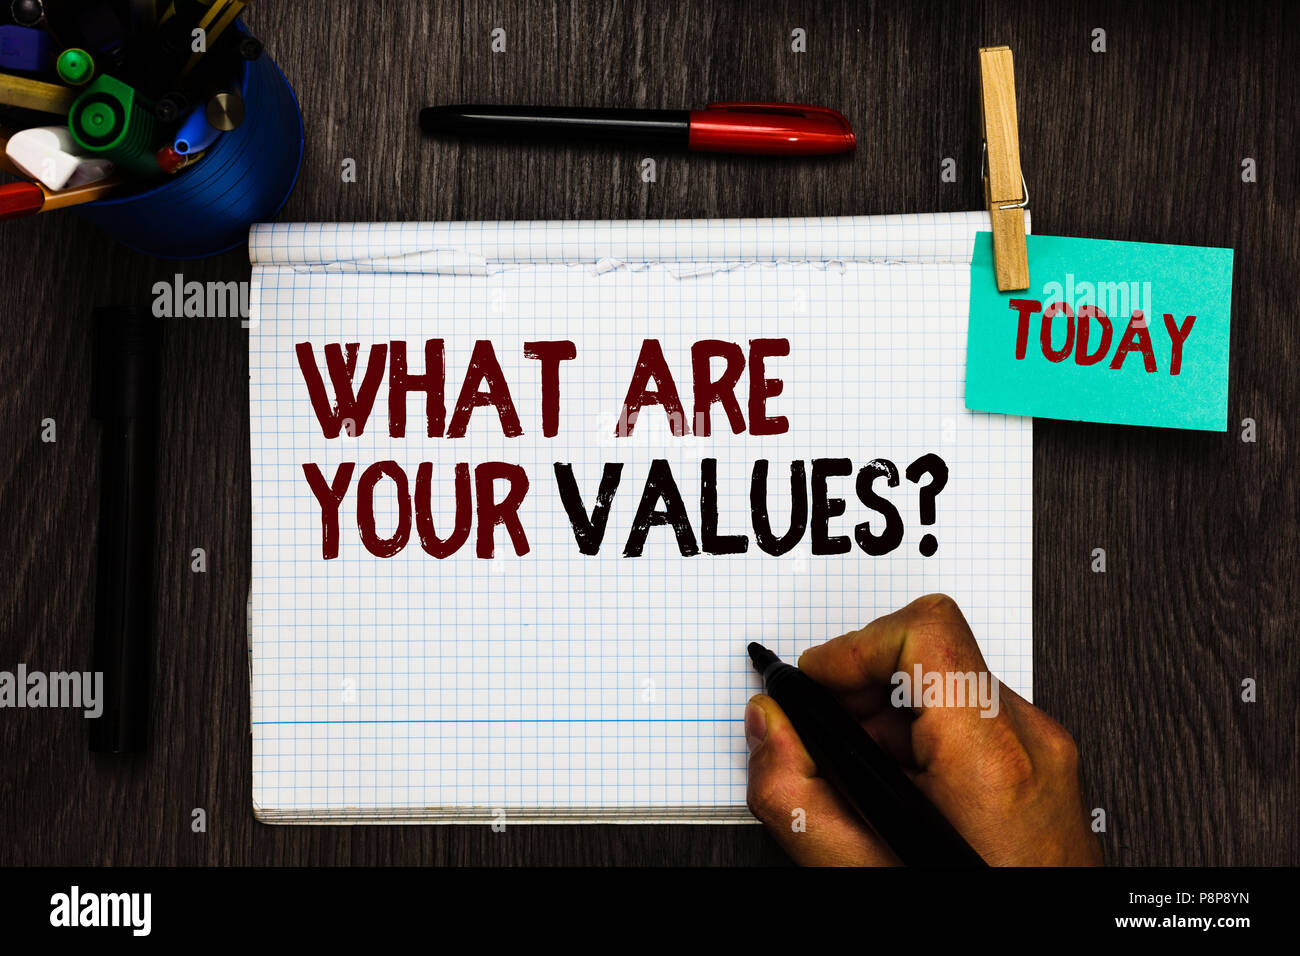 team values